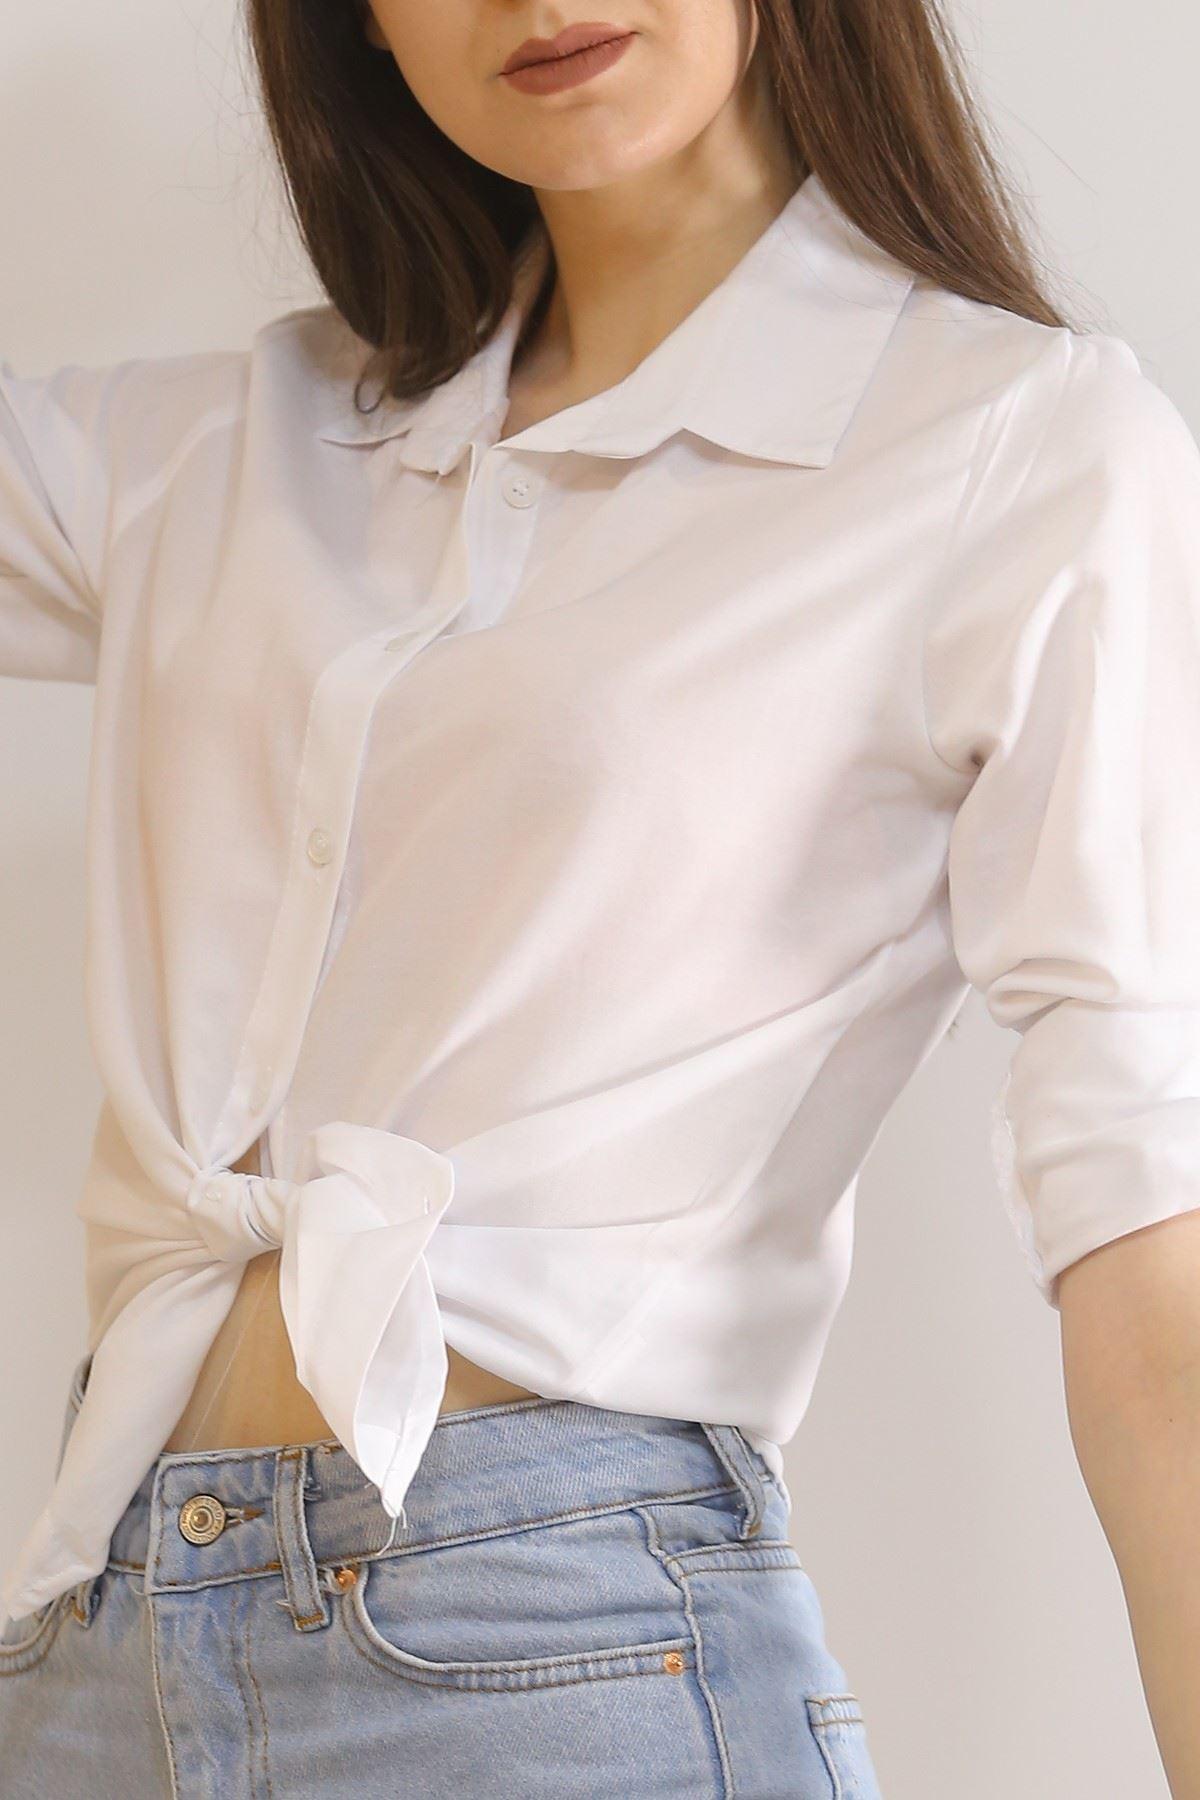 Kolu Katlamalı Gömlek Beyaz - 5907.1376.